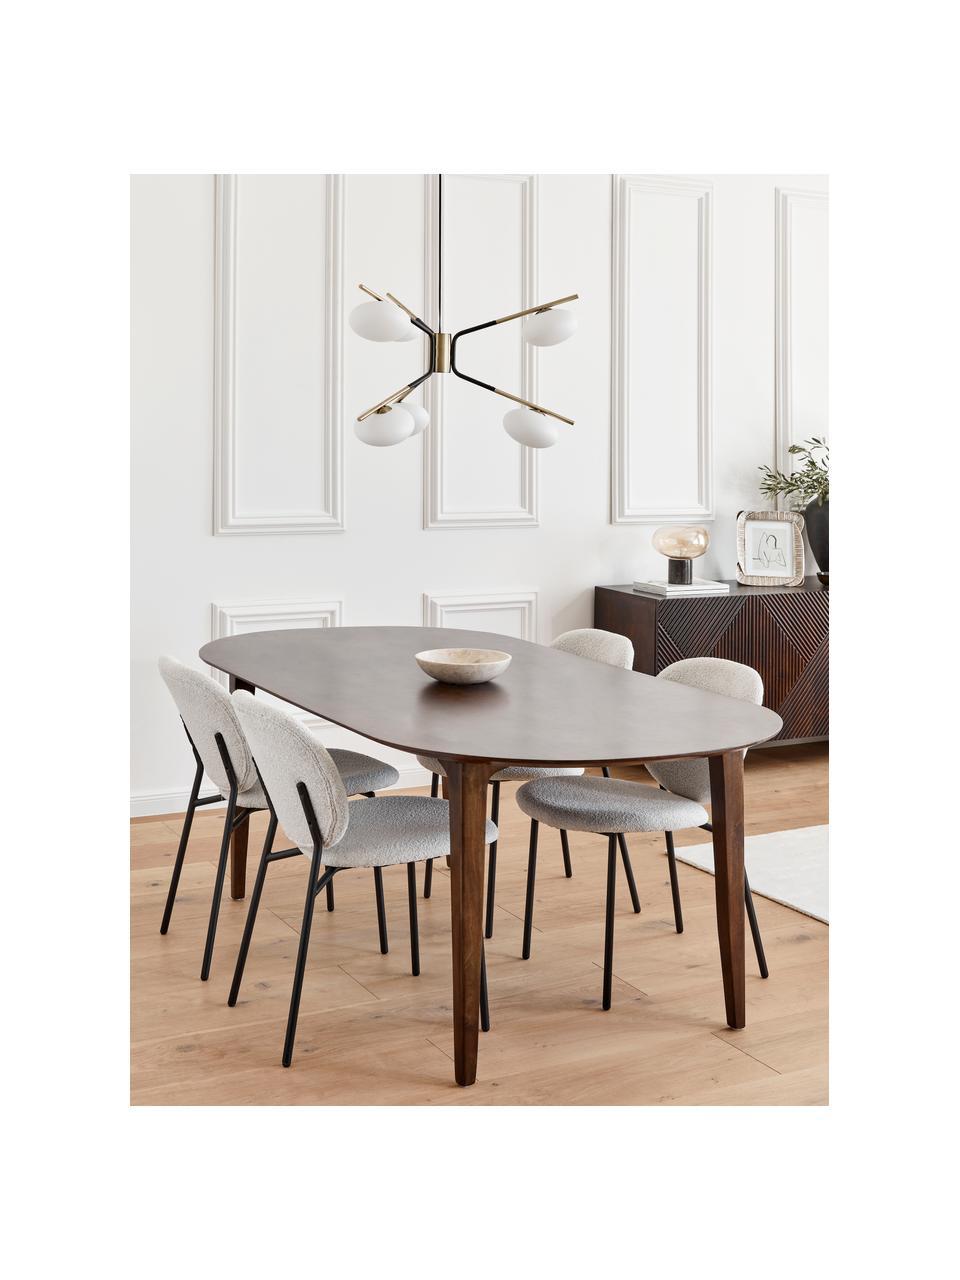 Owalny stół do jadalni z drewna mangowego Archie, Lite drewno mangowe, lakierowane, Drewno mangowe, ciemny lakierowany, S 200 x G 100 cm